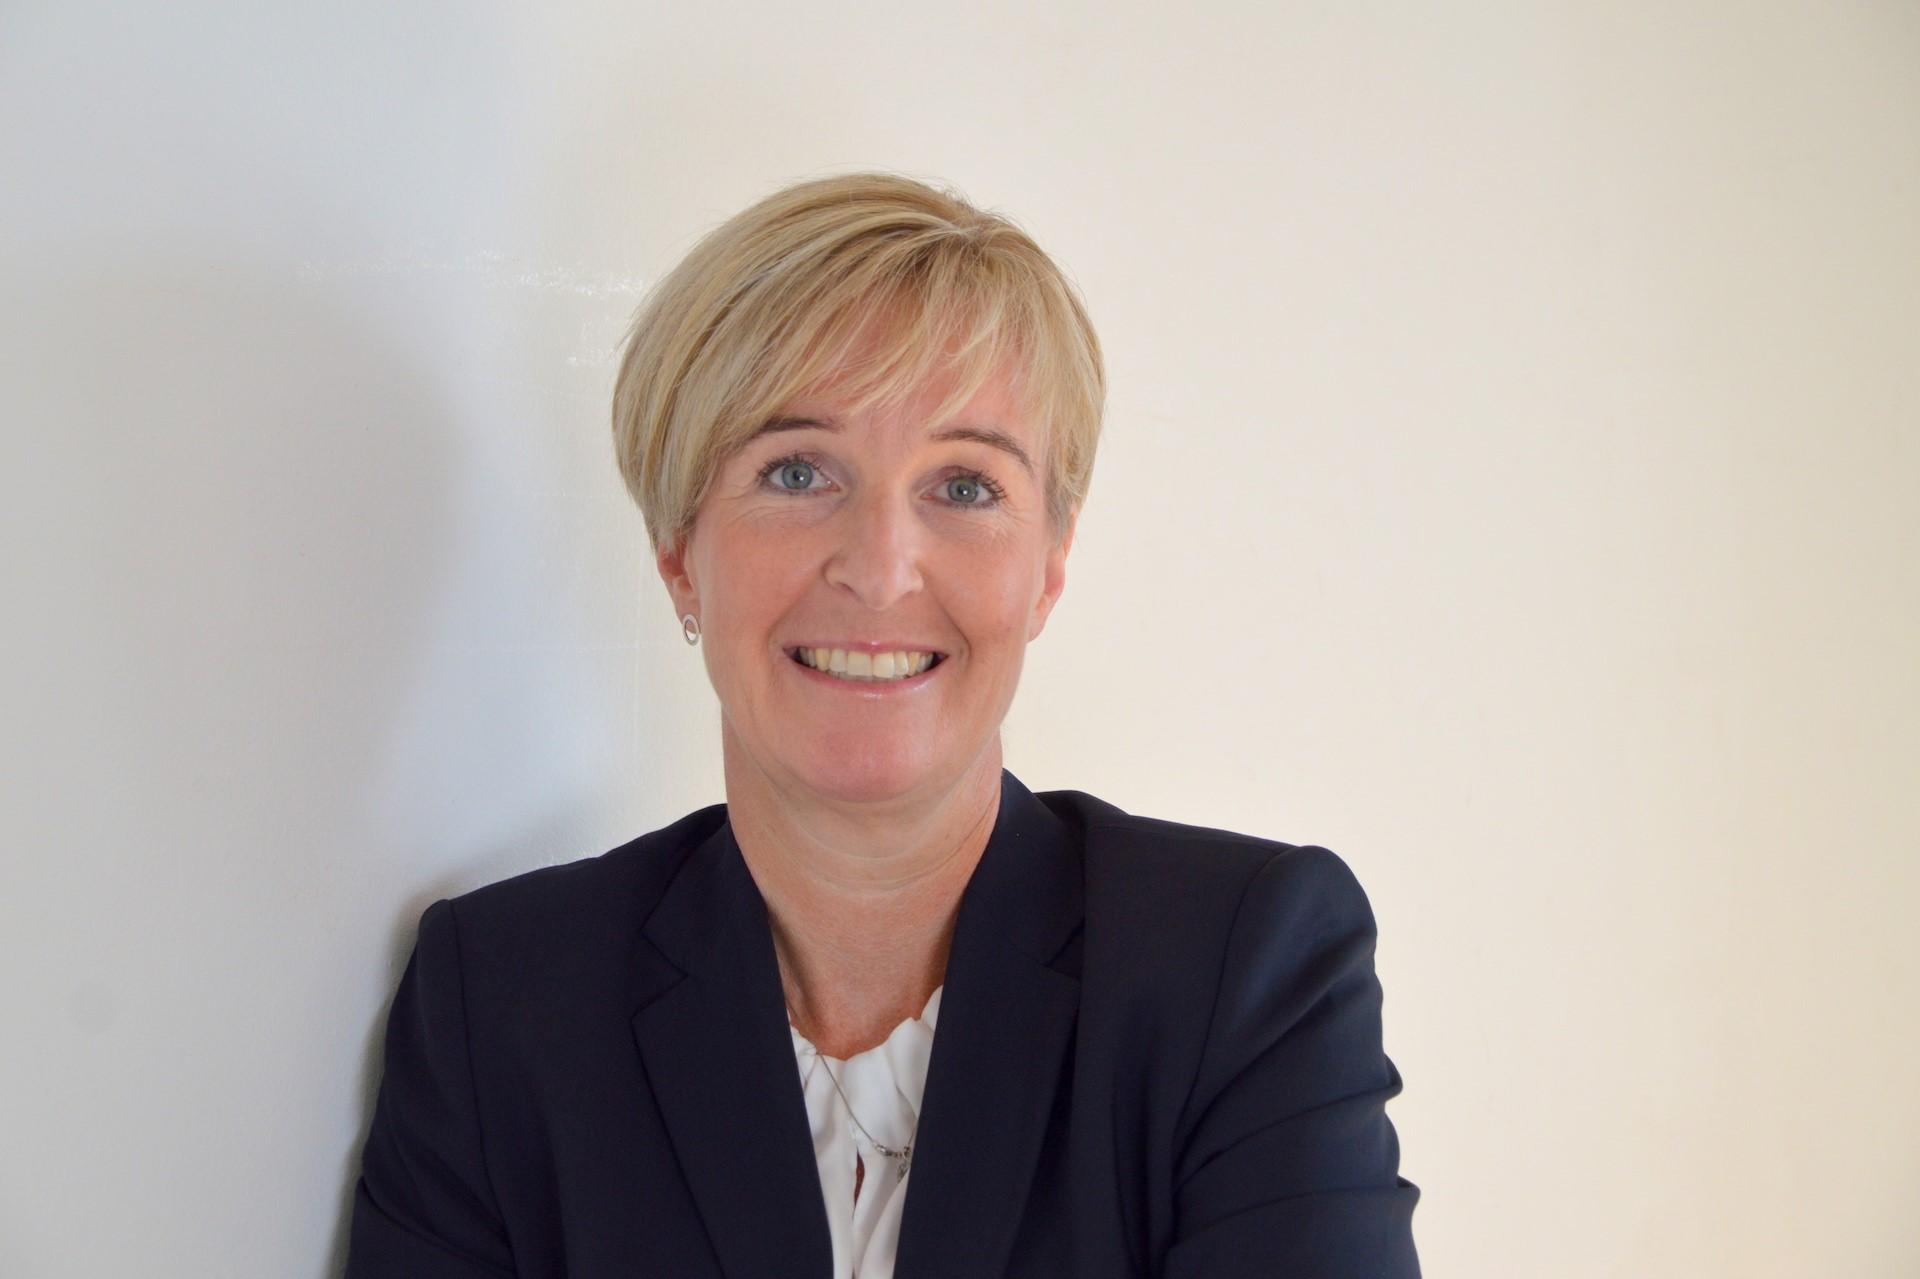 """Helle Lydum Pedersen er efter over et års """"tænkepause"""" tilbage i den danske rejsebranchen – nu som salgsdirektør for hotelselskab. Pressefoto."""